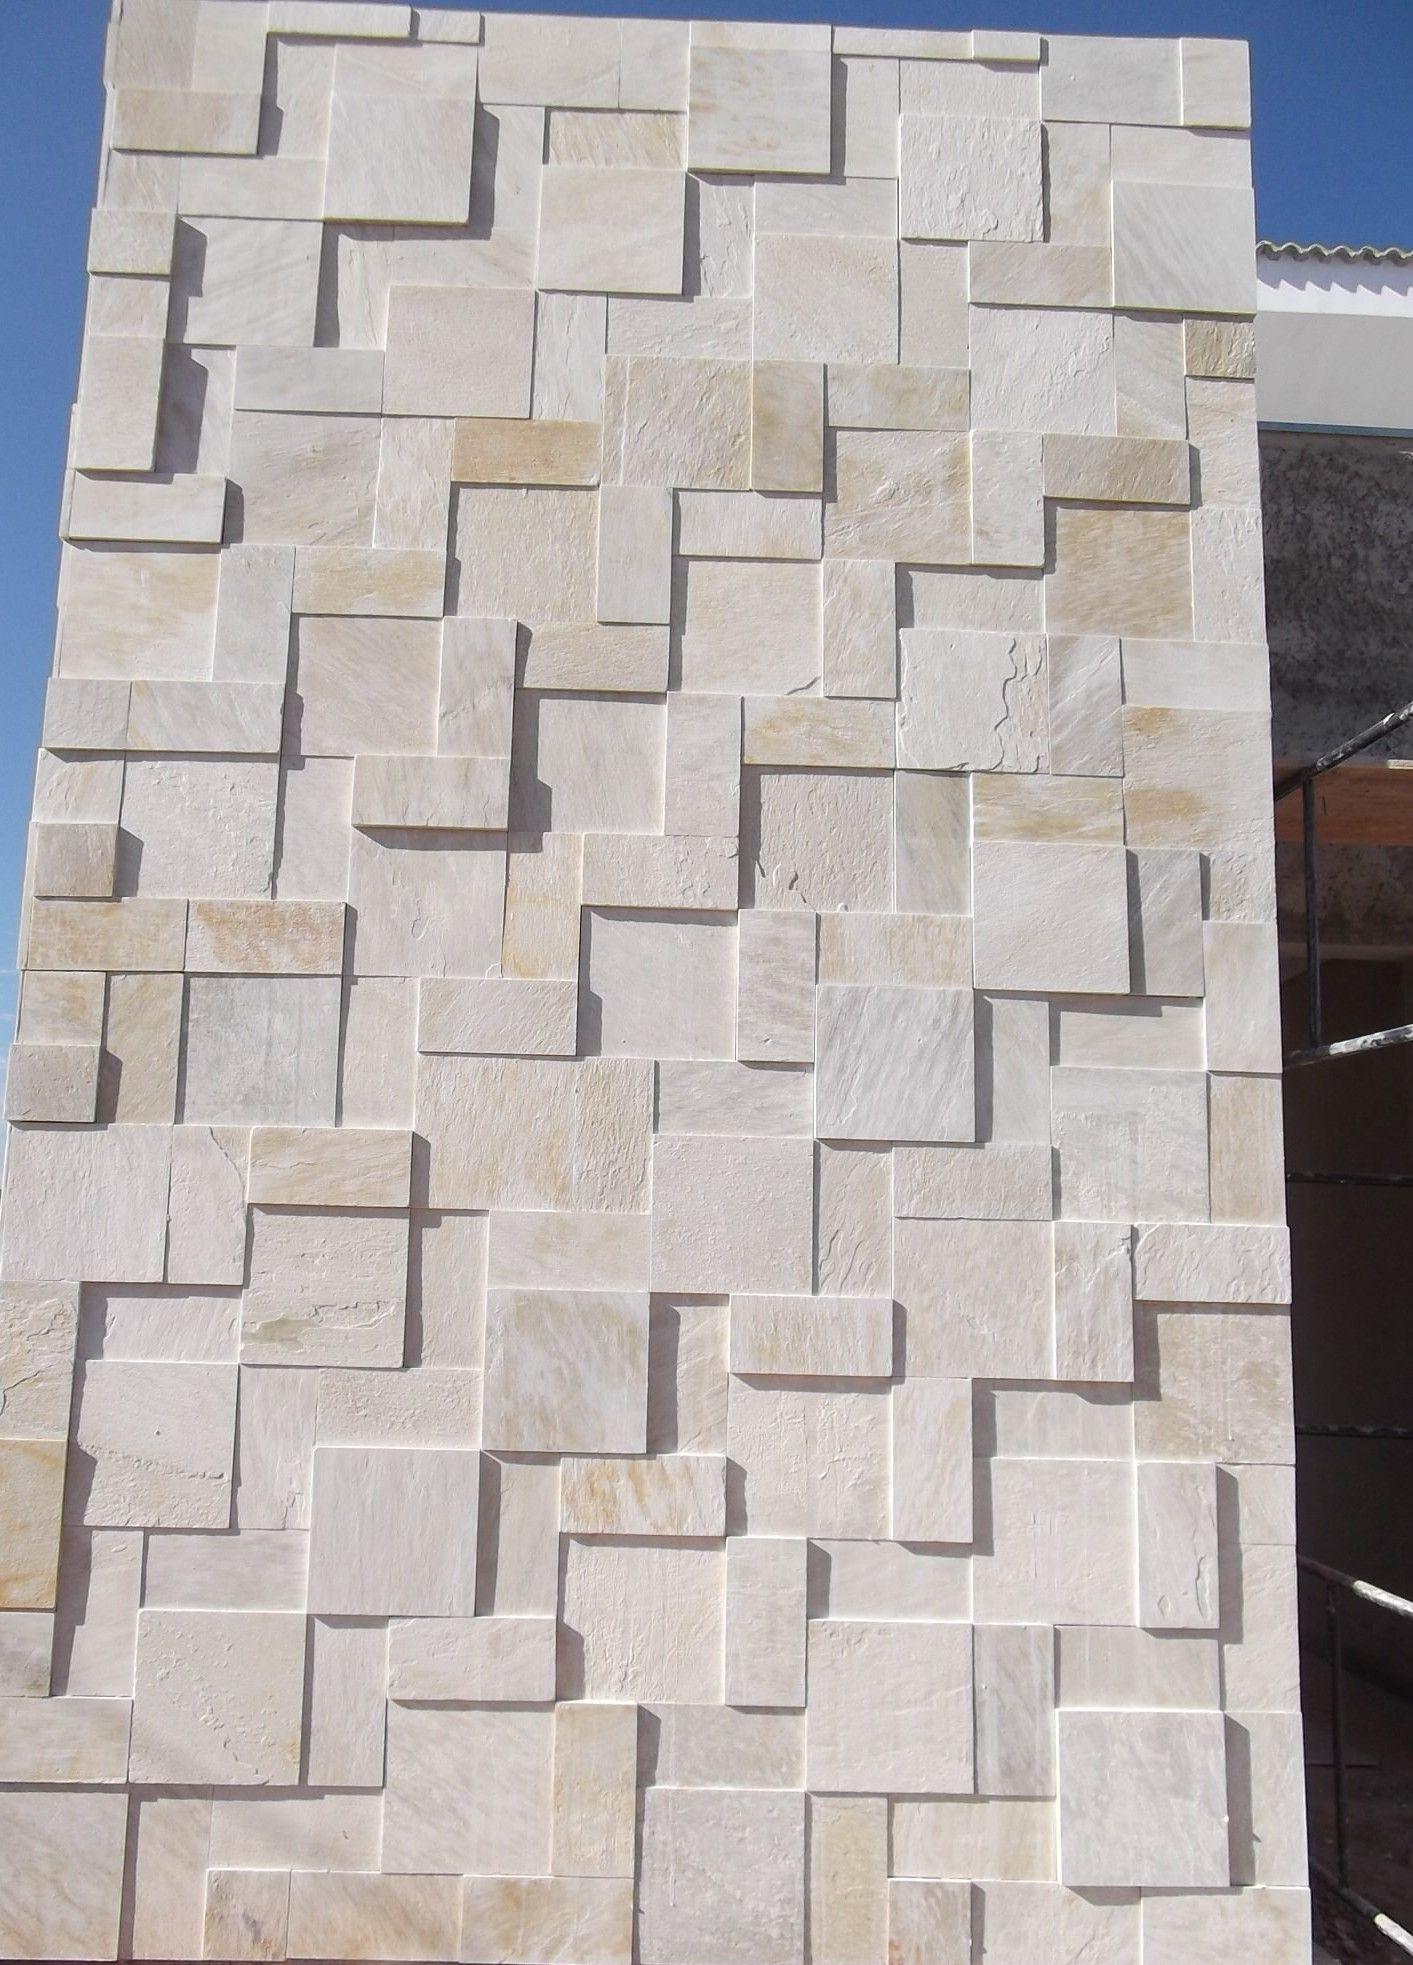 Diversas Fotos De Muros E Fachadas Com Revestimentos Pedras Decorativas Em Diversos Modelos Tamanhos Cores